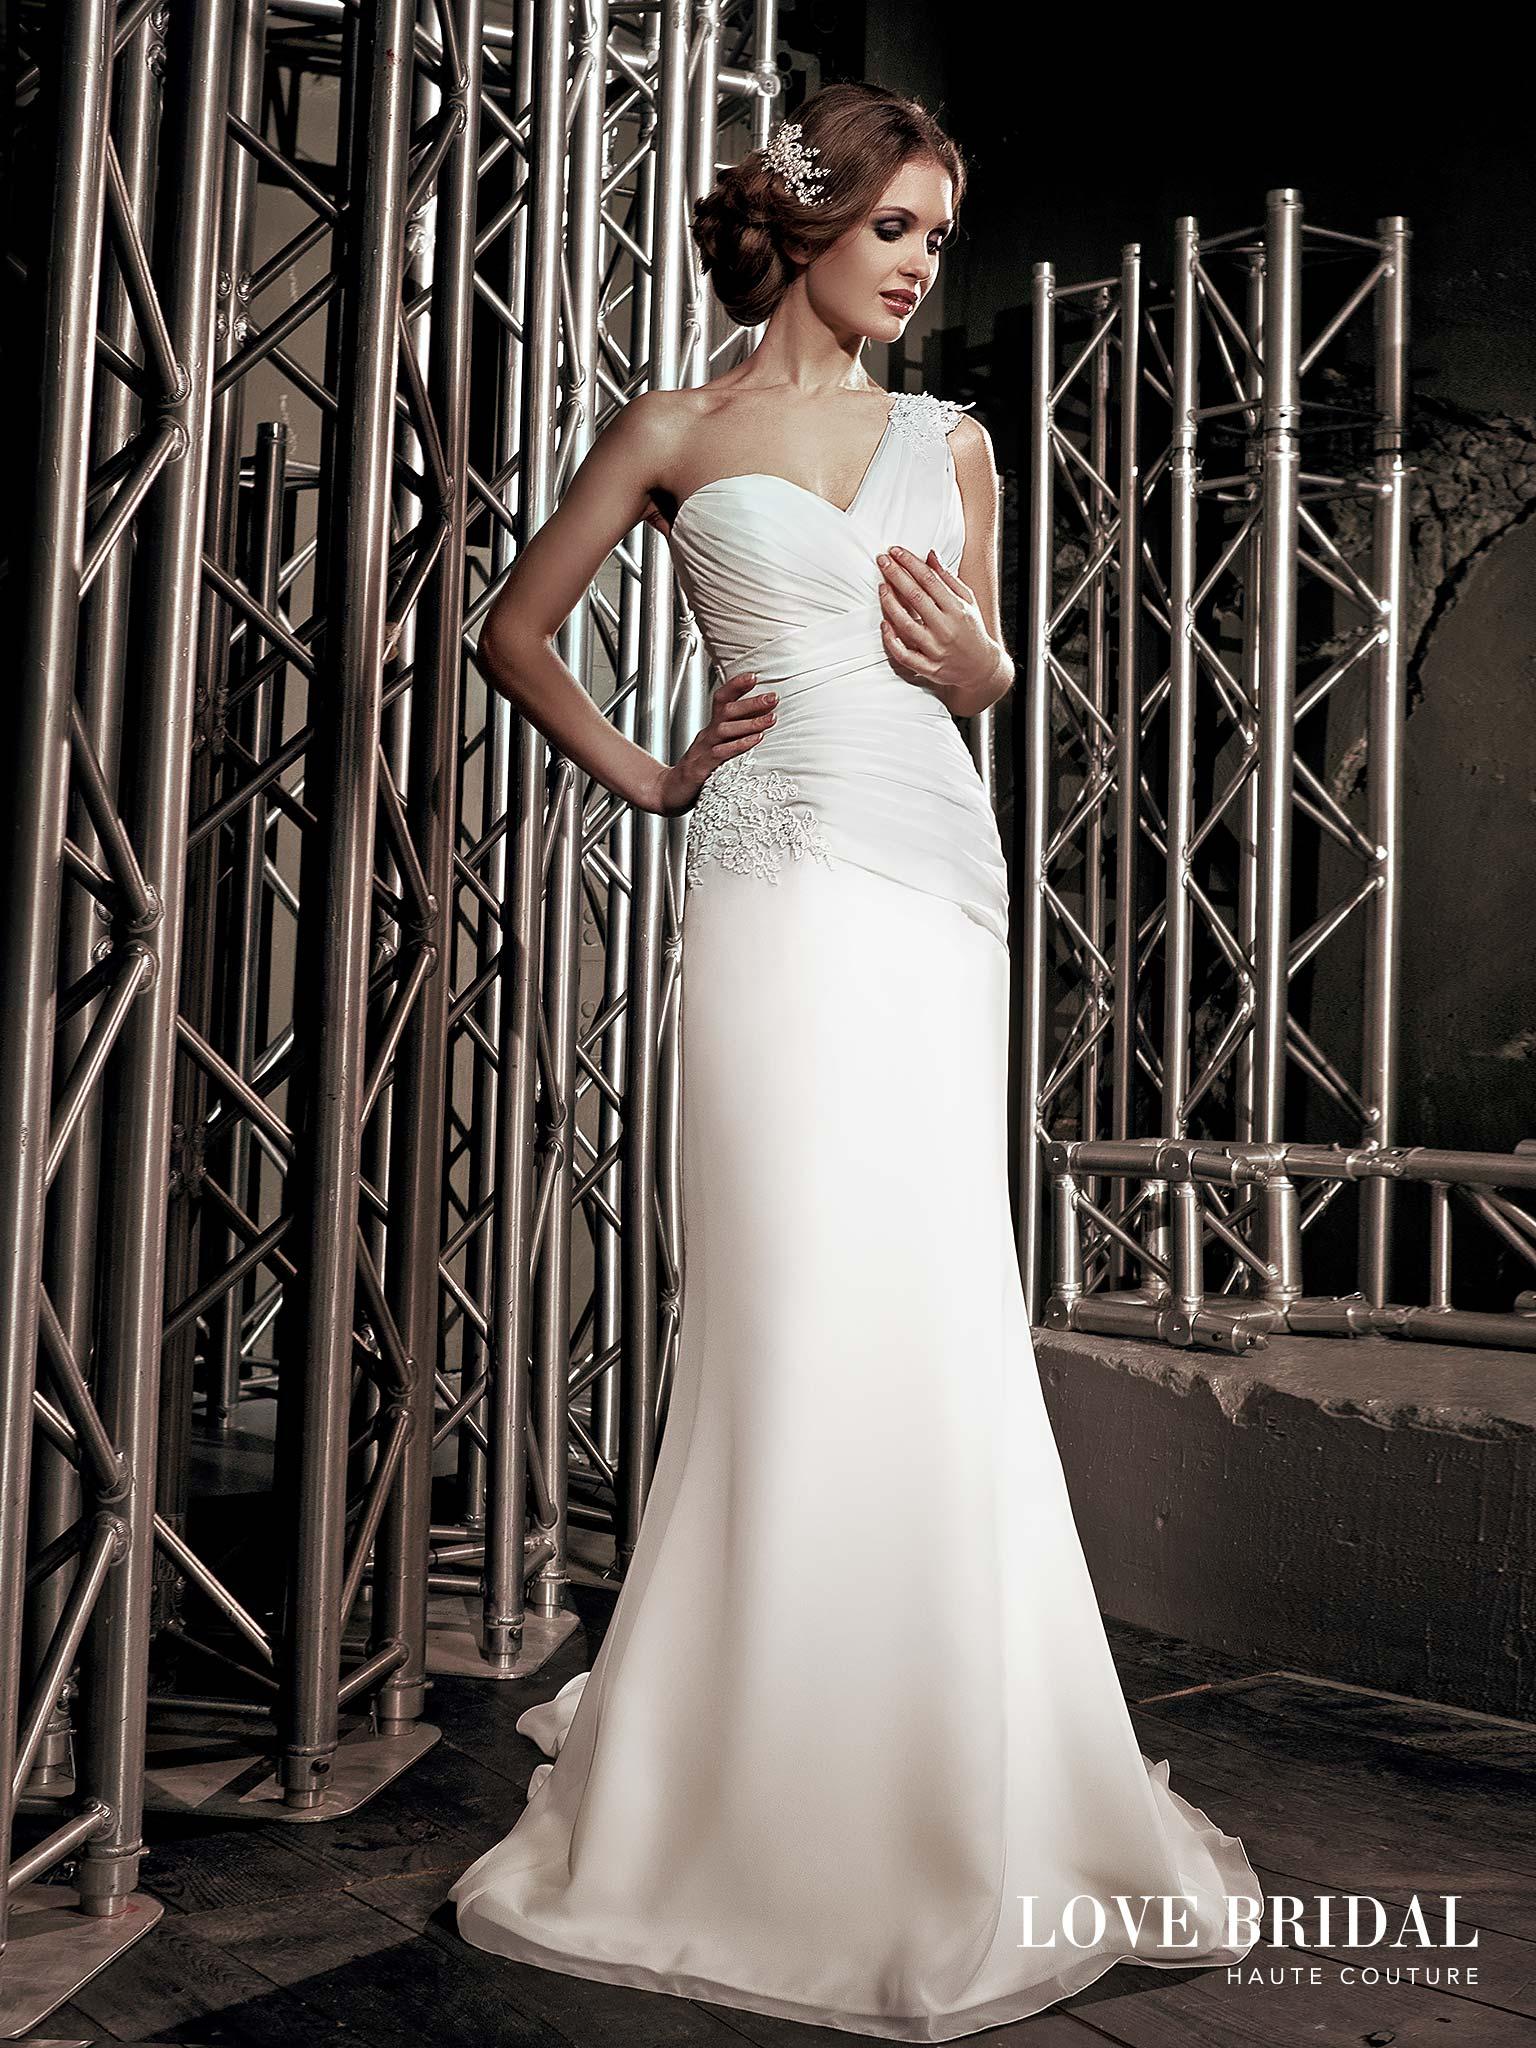 Купить свадебное платье на одно плечо Love Bridal